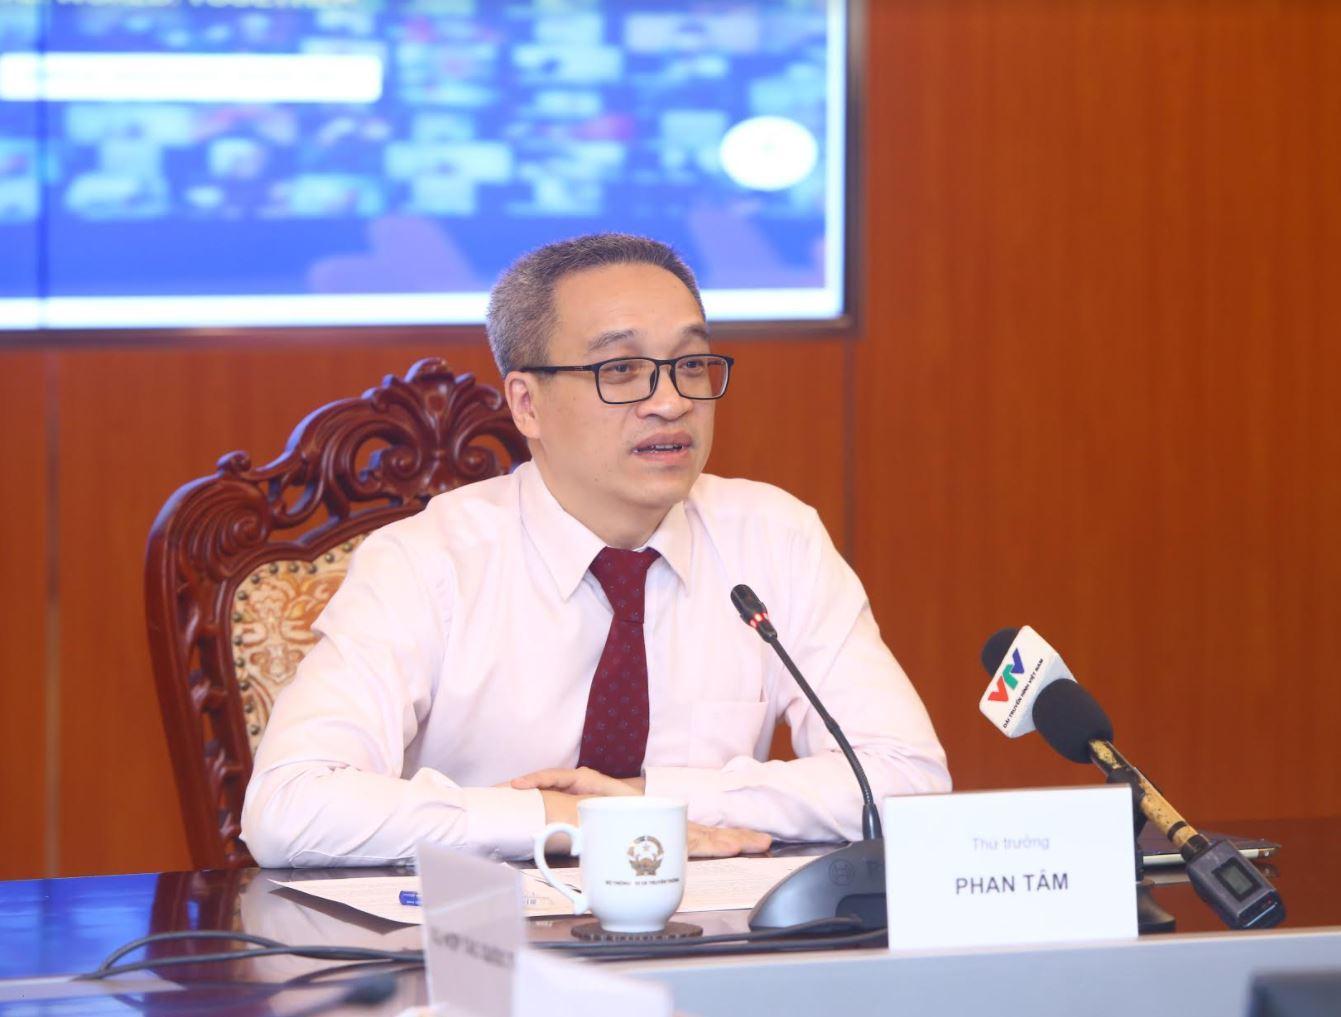 Triển lãm Thế giới số 2020 sẽ tổ chức trực tuyến trên nền tảng 'Make in Vietnam'